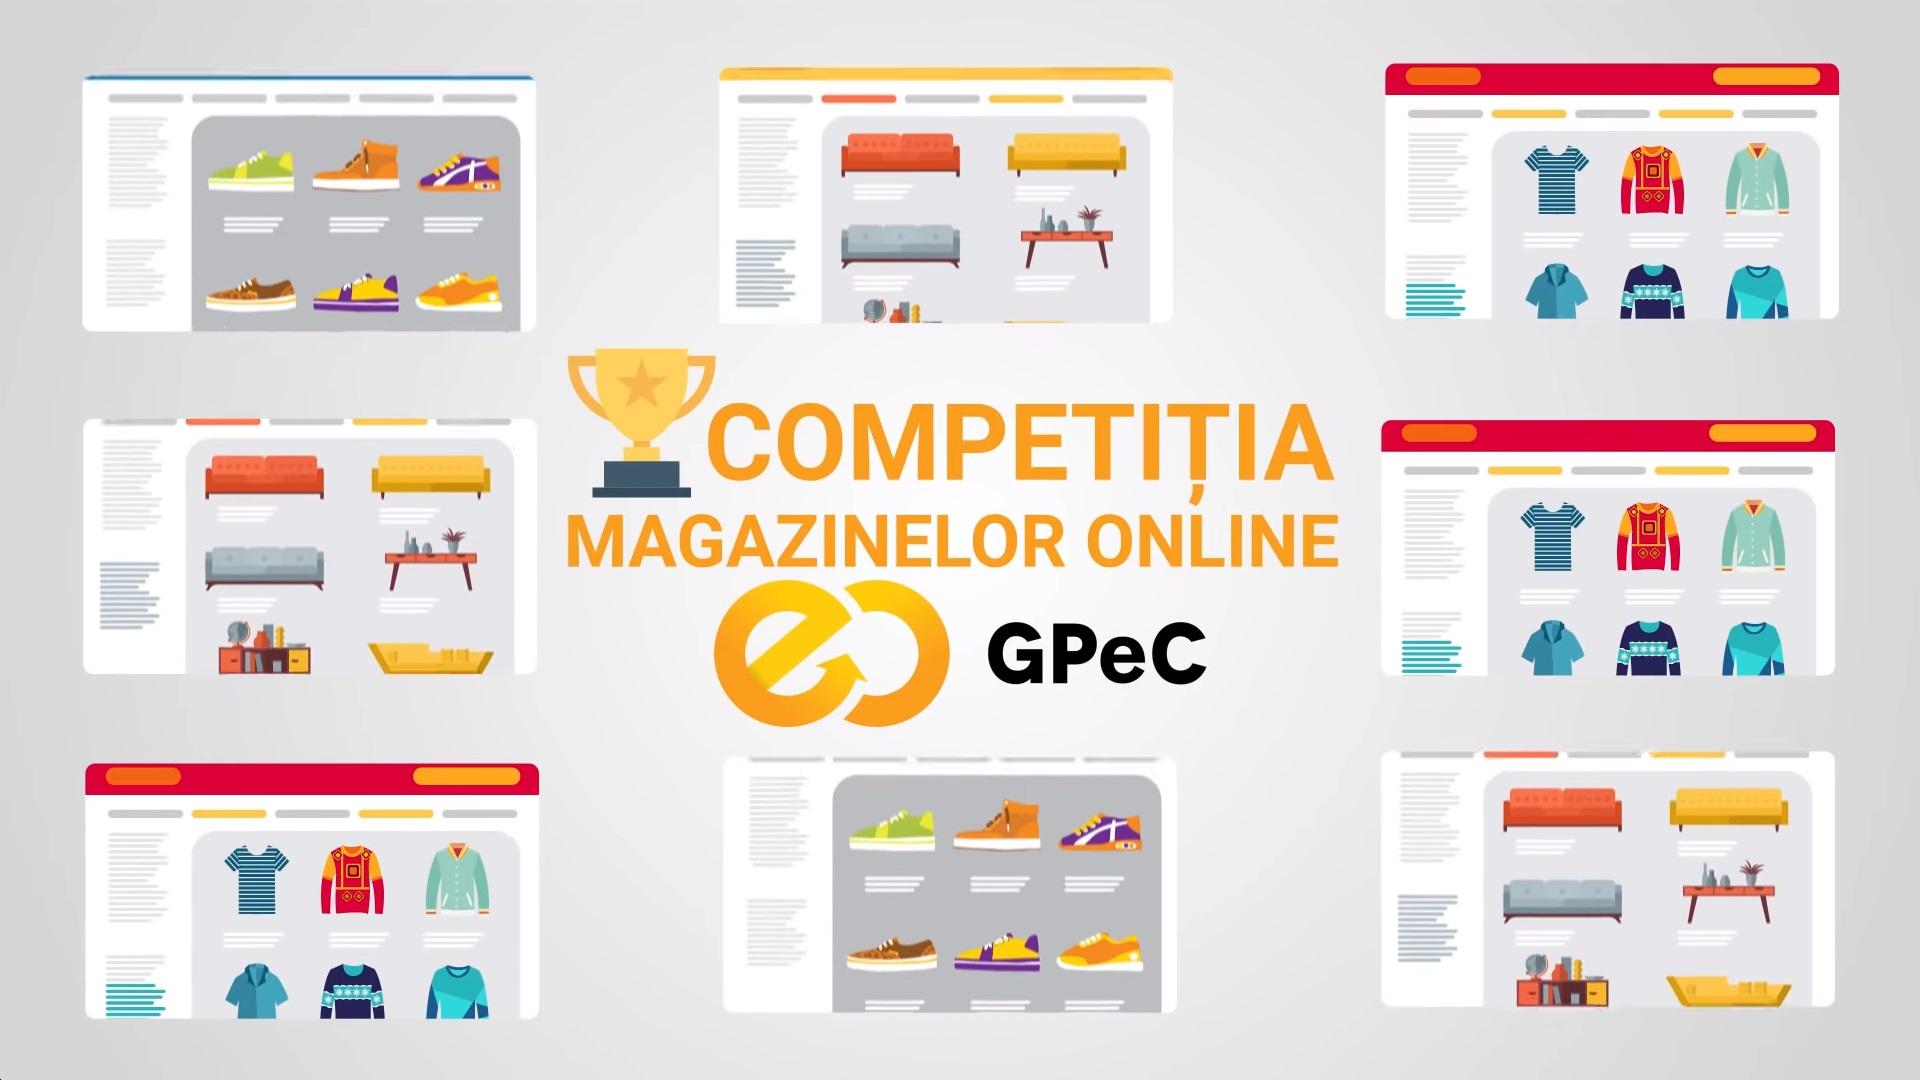 6 jucători importanți din E-Commerce s-au alăturat demersului GPeC de a sprijini magazinele online înscrise la GPeC 2021